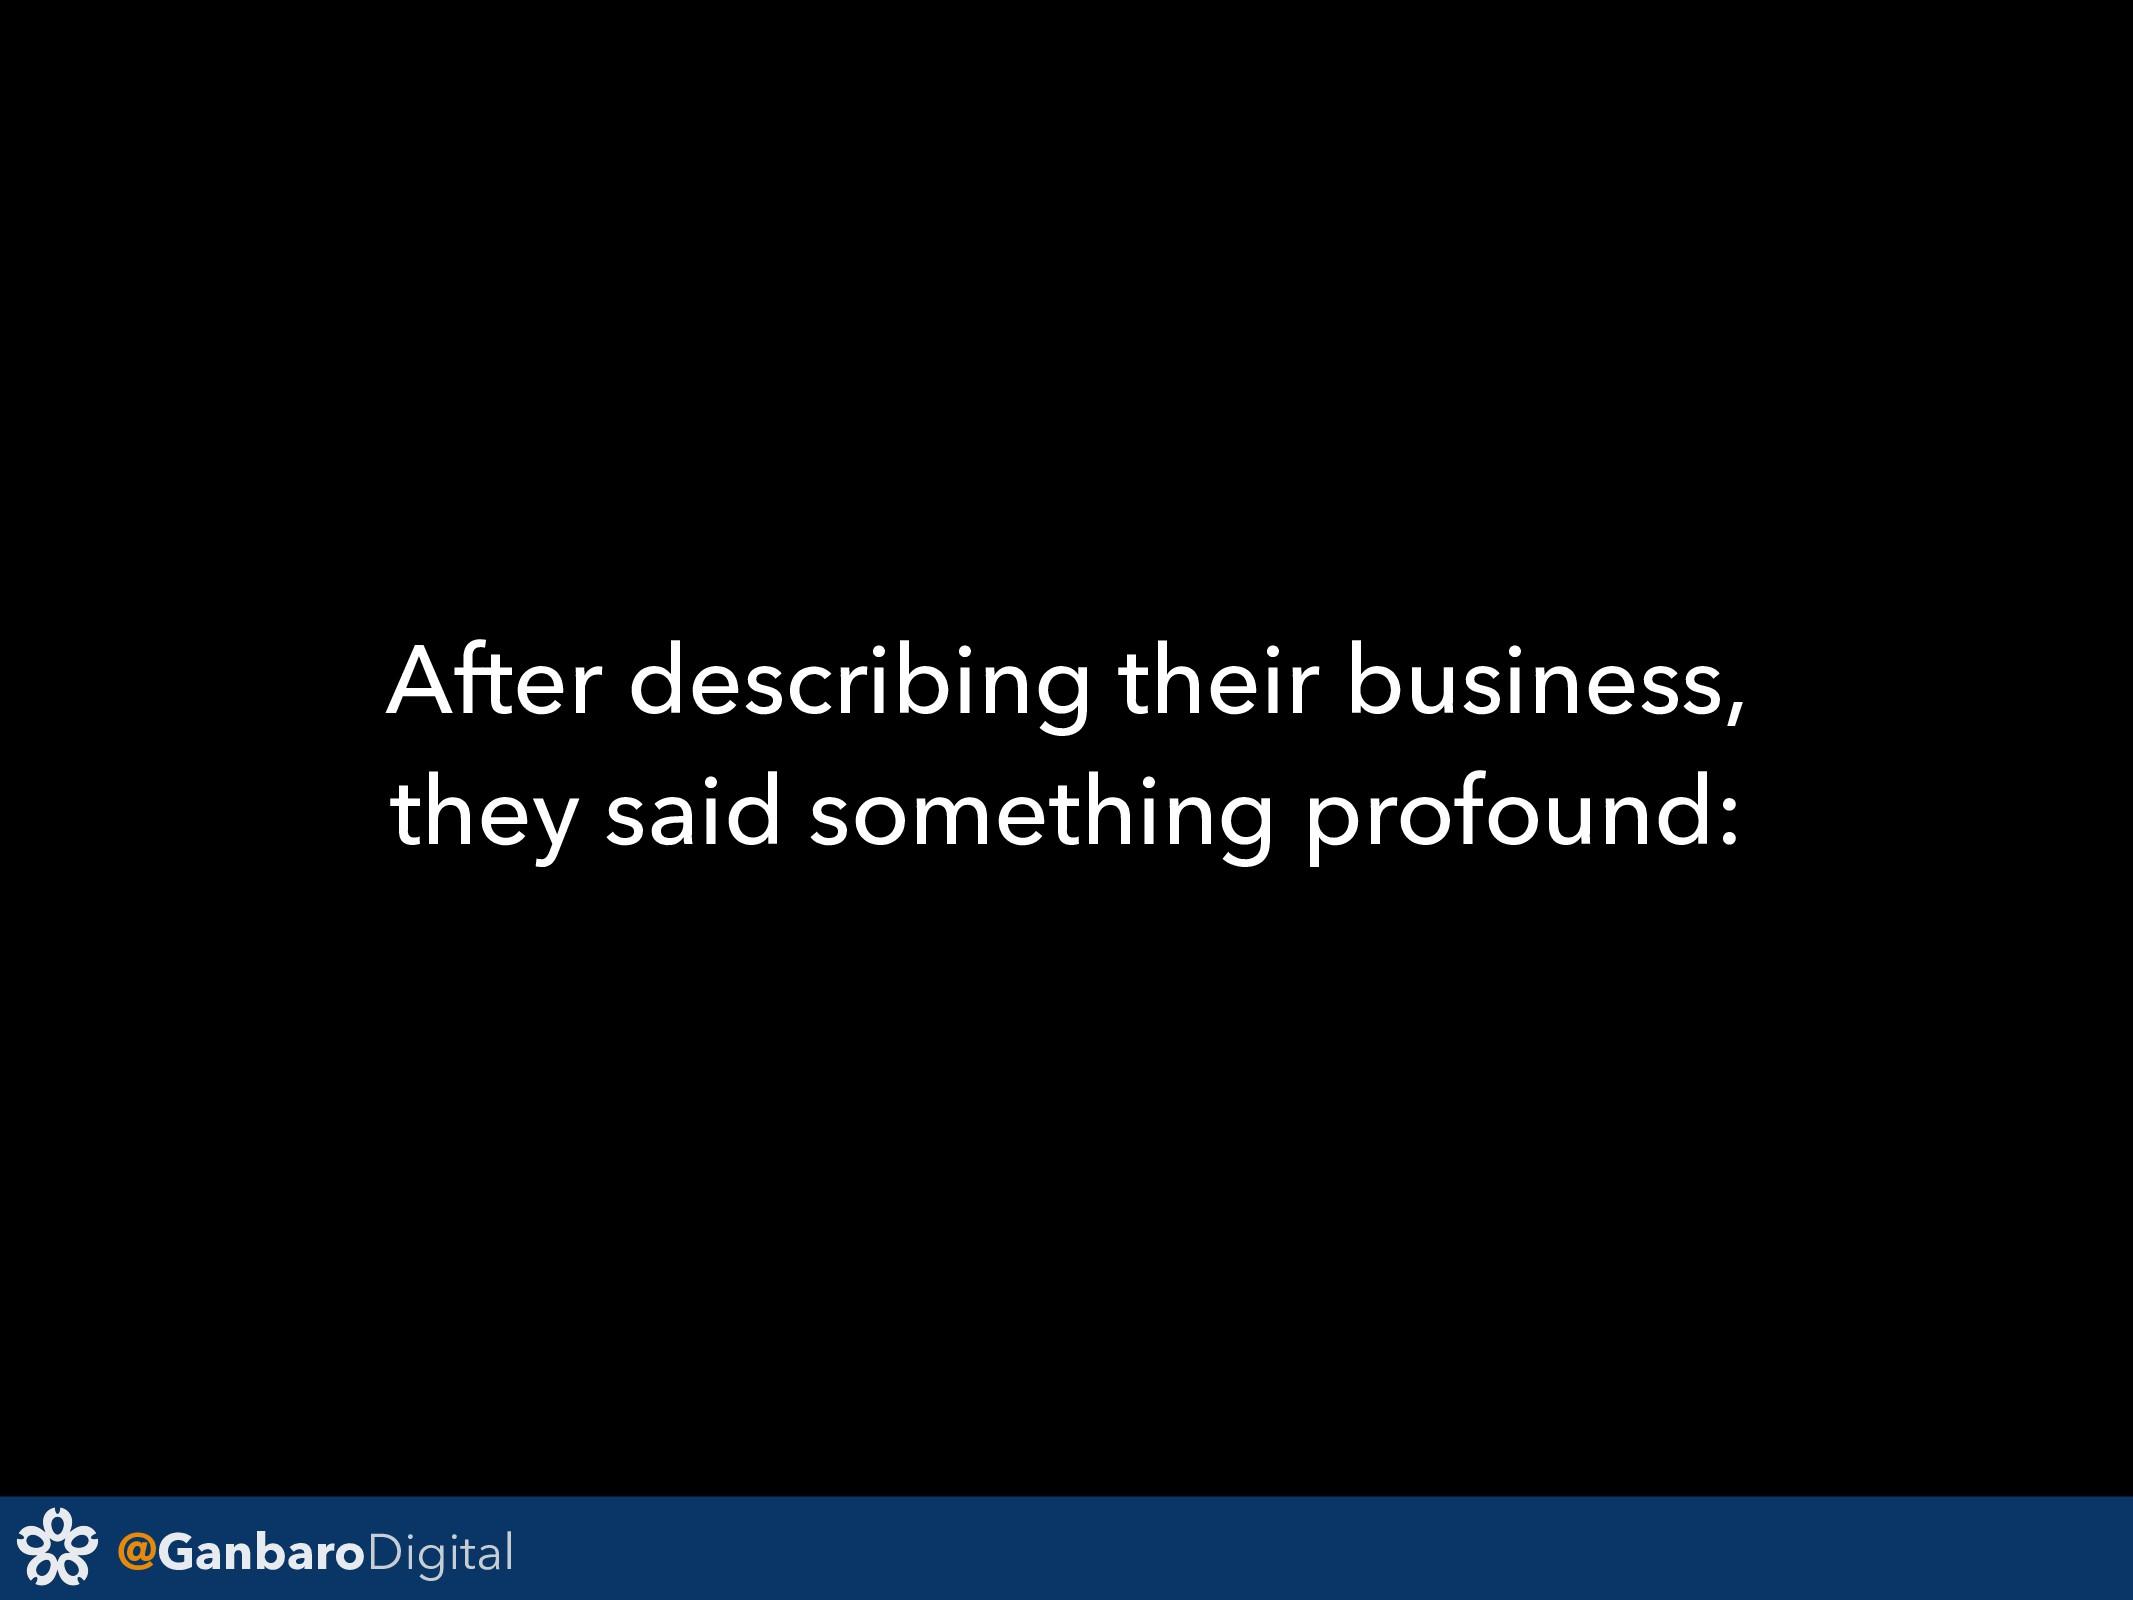 @GanbaroDigital After describing their business...